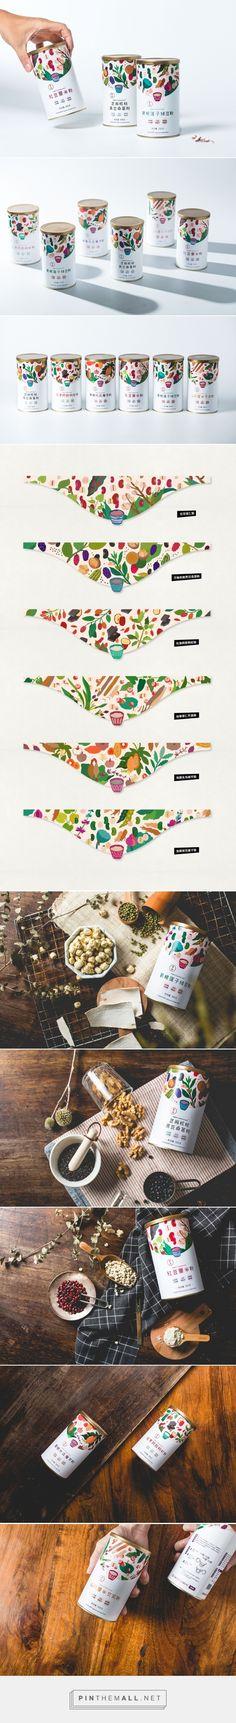 27 Ideas For Design Graphique Dossier Fruit Packaging, Pretty Packaging, Brand Packaging, Design Packaging, Product Packaging, Product Branding, Typography Inspiration, Packaging Design Inspiration, Graphic Design Inspiration